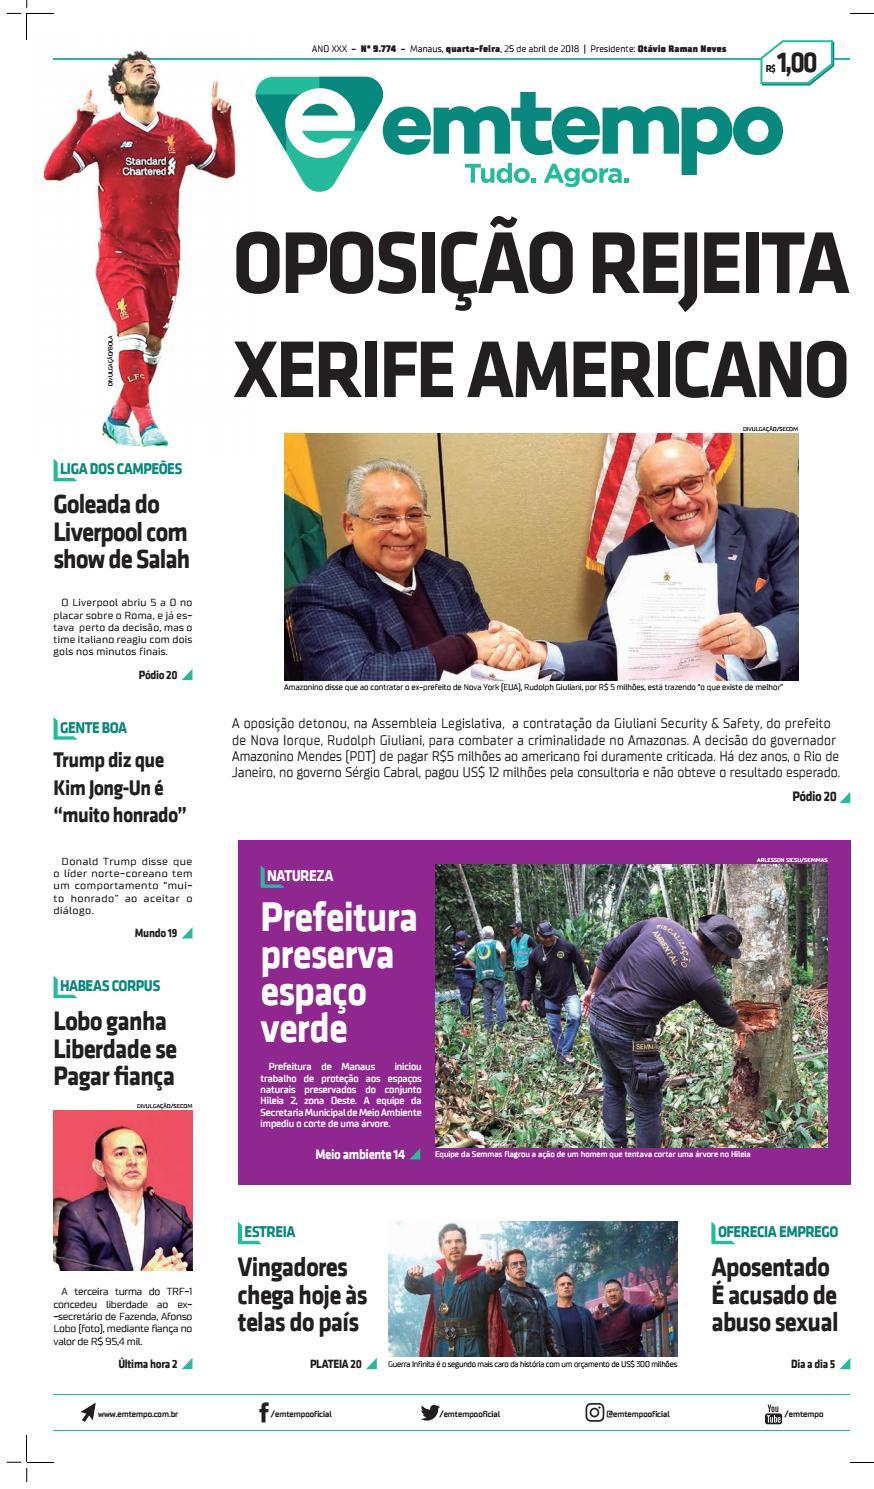 a3a6b92bc Em tempo 25 de abril de 2018 by Amazonas Em Tempo - issuu